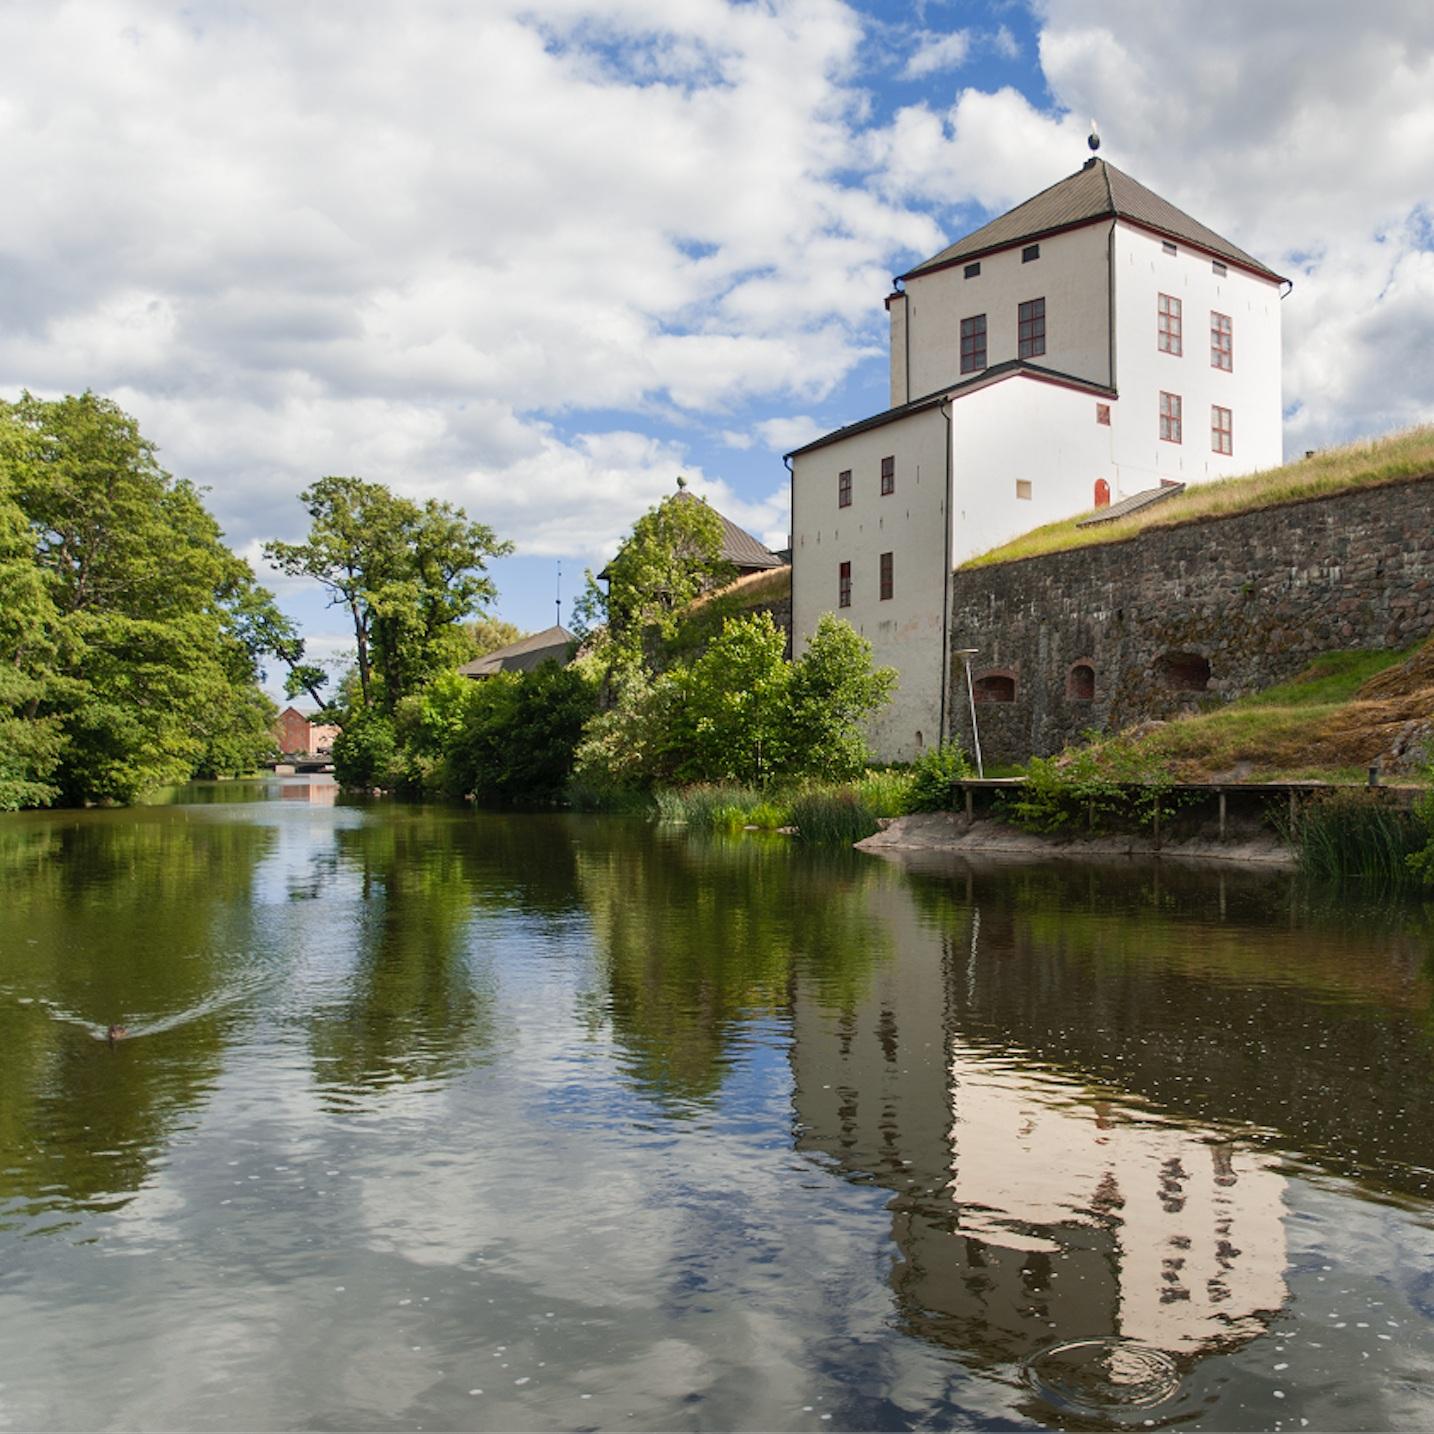 SEVÄRDHET - NYKÖPINGS HUSNyköping är en av Sveriges äldsta städer med Nyköpingshus som landmärke. Här kan hela familjen ha kul, se utställningar och lära sig om svensk historia. Den yttre borggården är öppen alla dagar på året, sommartid kan du gå upp i Kungstornet, lära dig om kungar och se dolkar och svärd. Nyköpings hamn, en oas sommartid perfekt för glasspaus, ligger ett stenkast från slottet.Tips inskickat av: Nyköpingsguiden